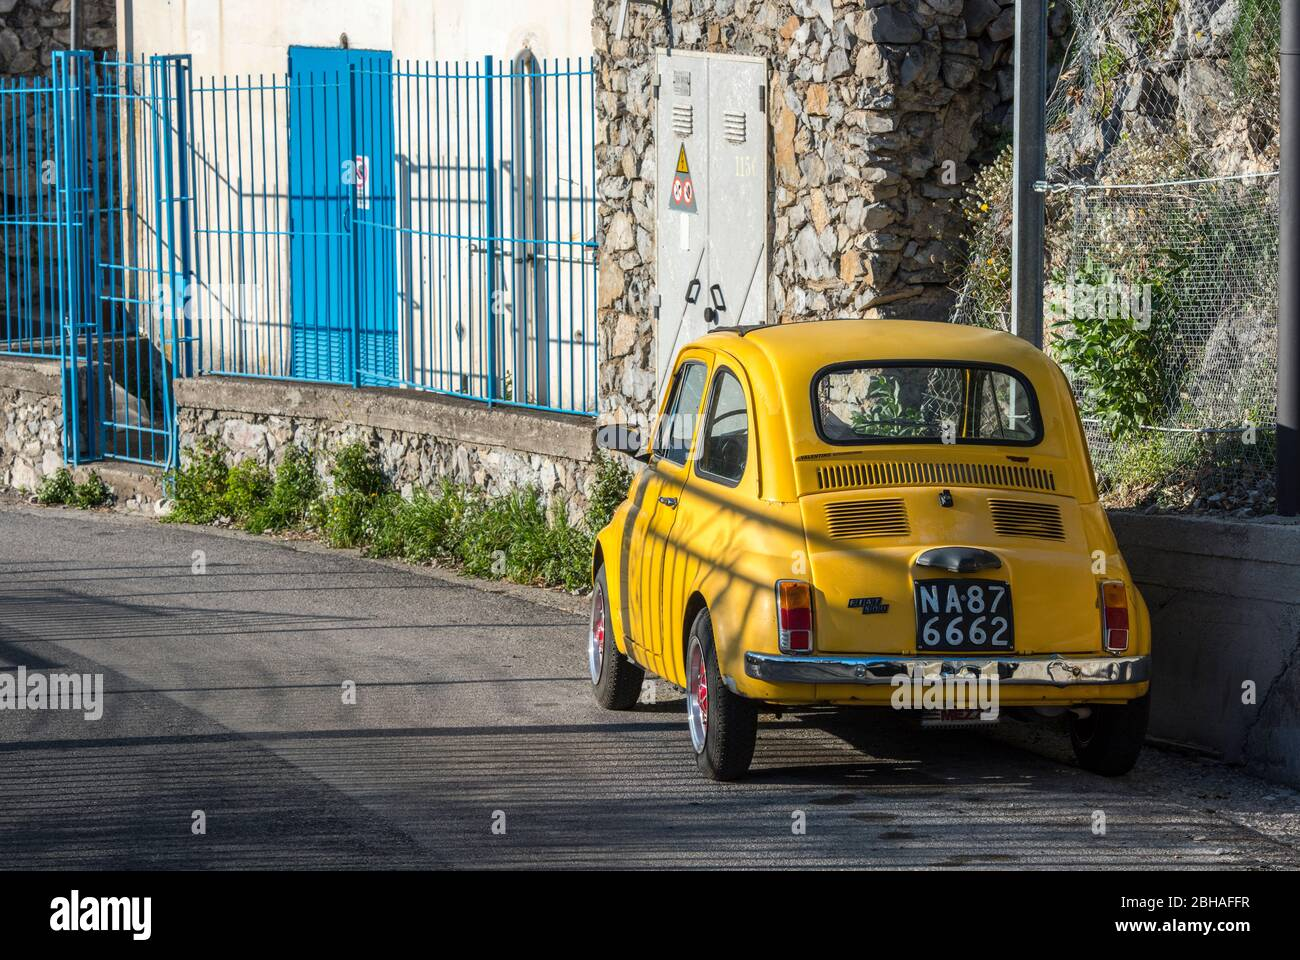 La voie des dieux: Sentiero degli Dei. Incroyablement beau chemin de randonnée au-dessus de la côte amalfitana ou amalfitaine en Italie, d'Agerola à Positano. Mars 2019. Fiat 500 dans les rues à la fin de la randonnée près de Positano. Banque D'Images